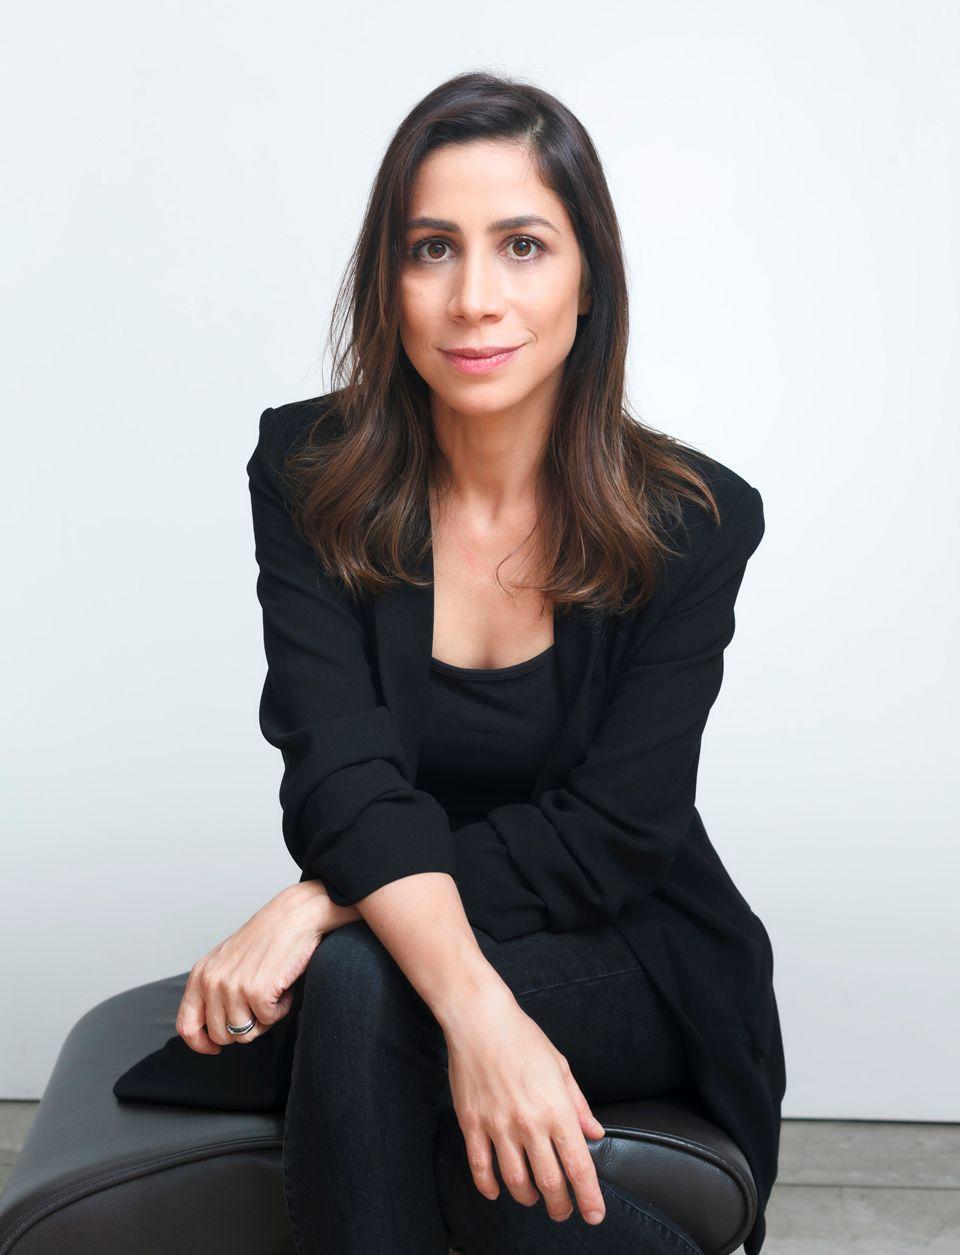 Julia Duallibi também será colunista no BandNews TV / Divulgação/Renato Parada